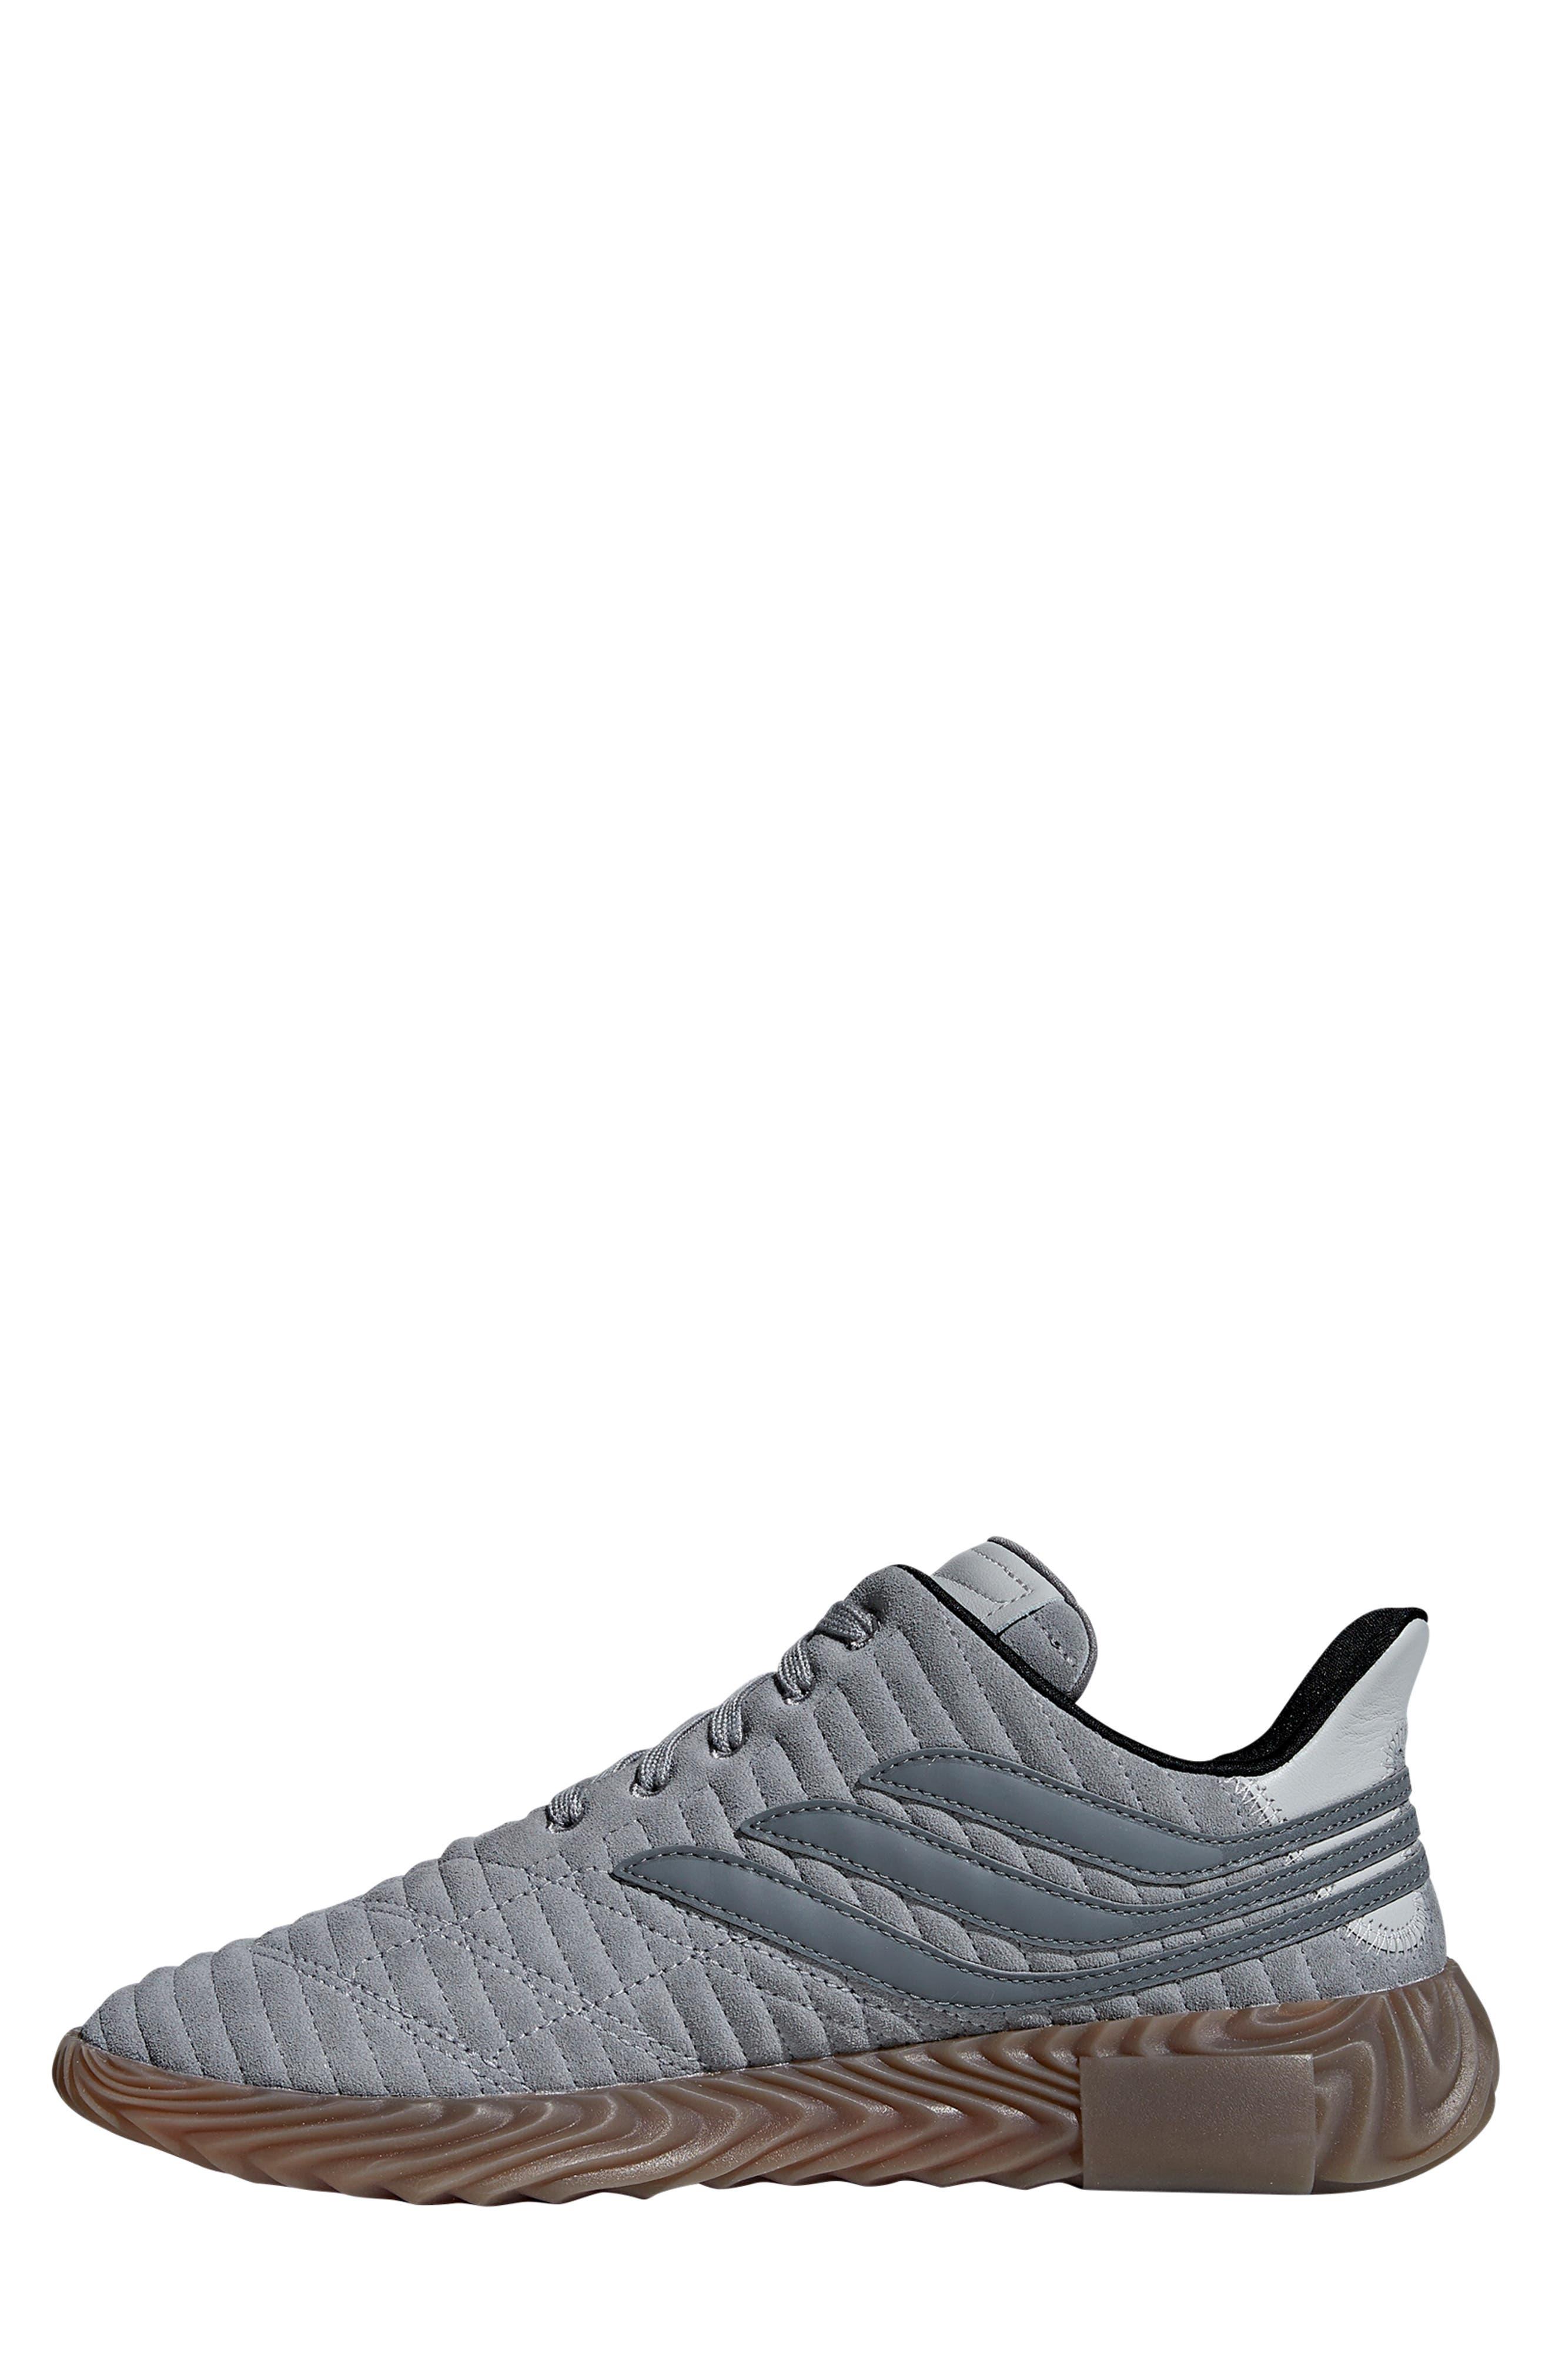 Sobakov Sneaker,                             Alternate thumbnail 11, color,                             GREY/ GREY